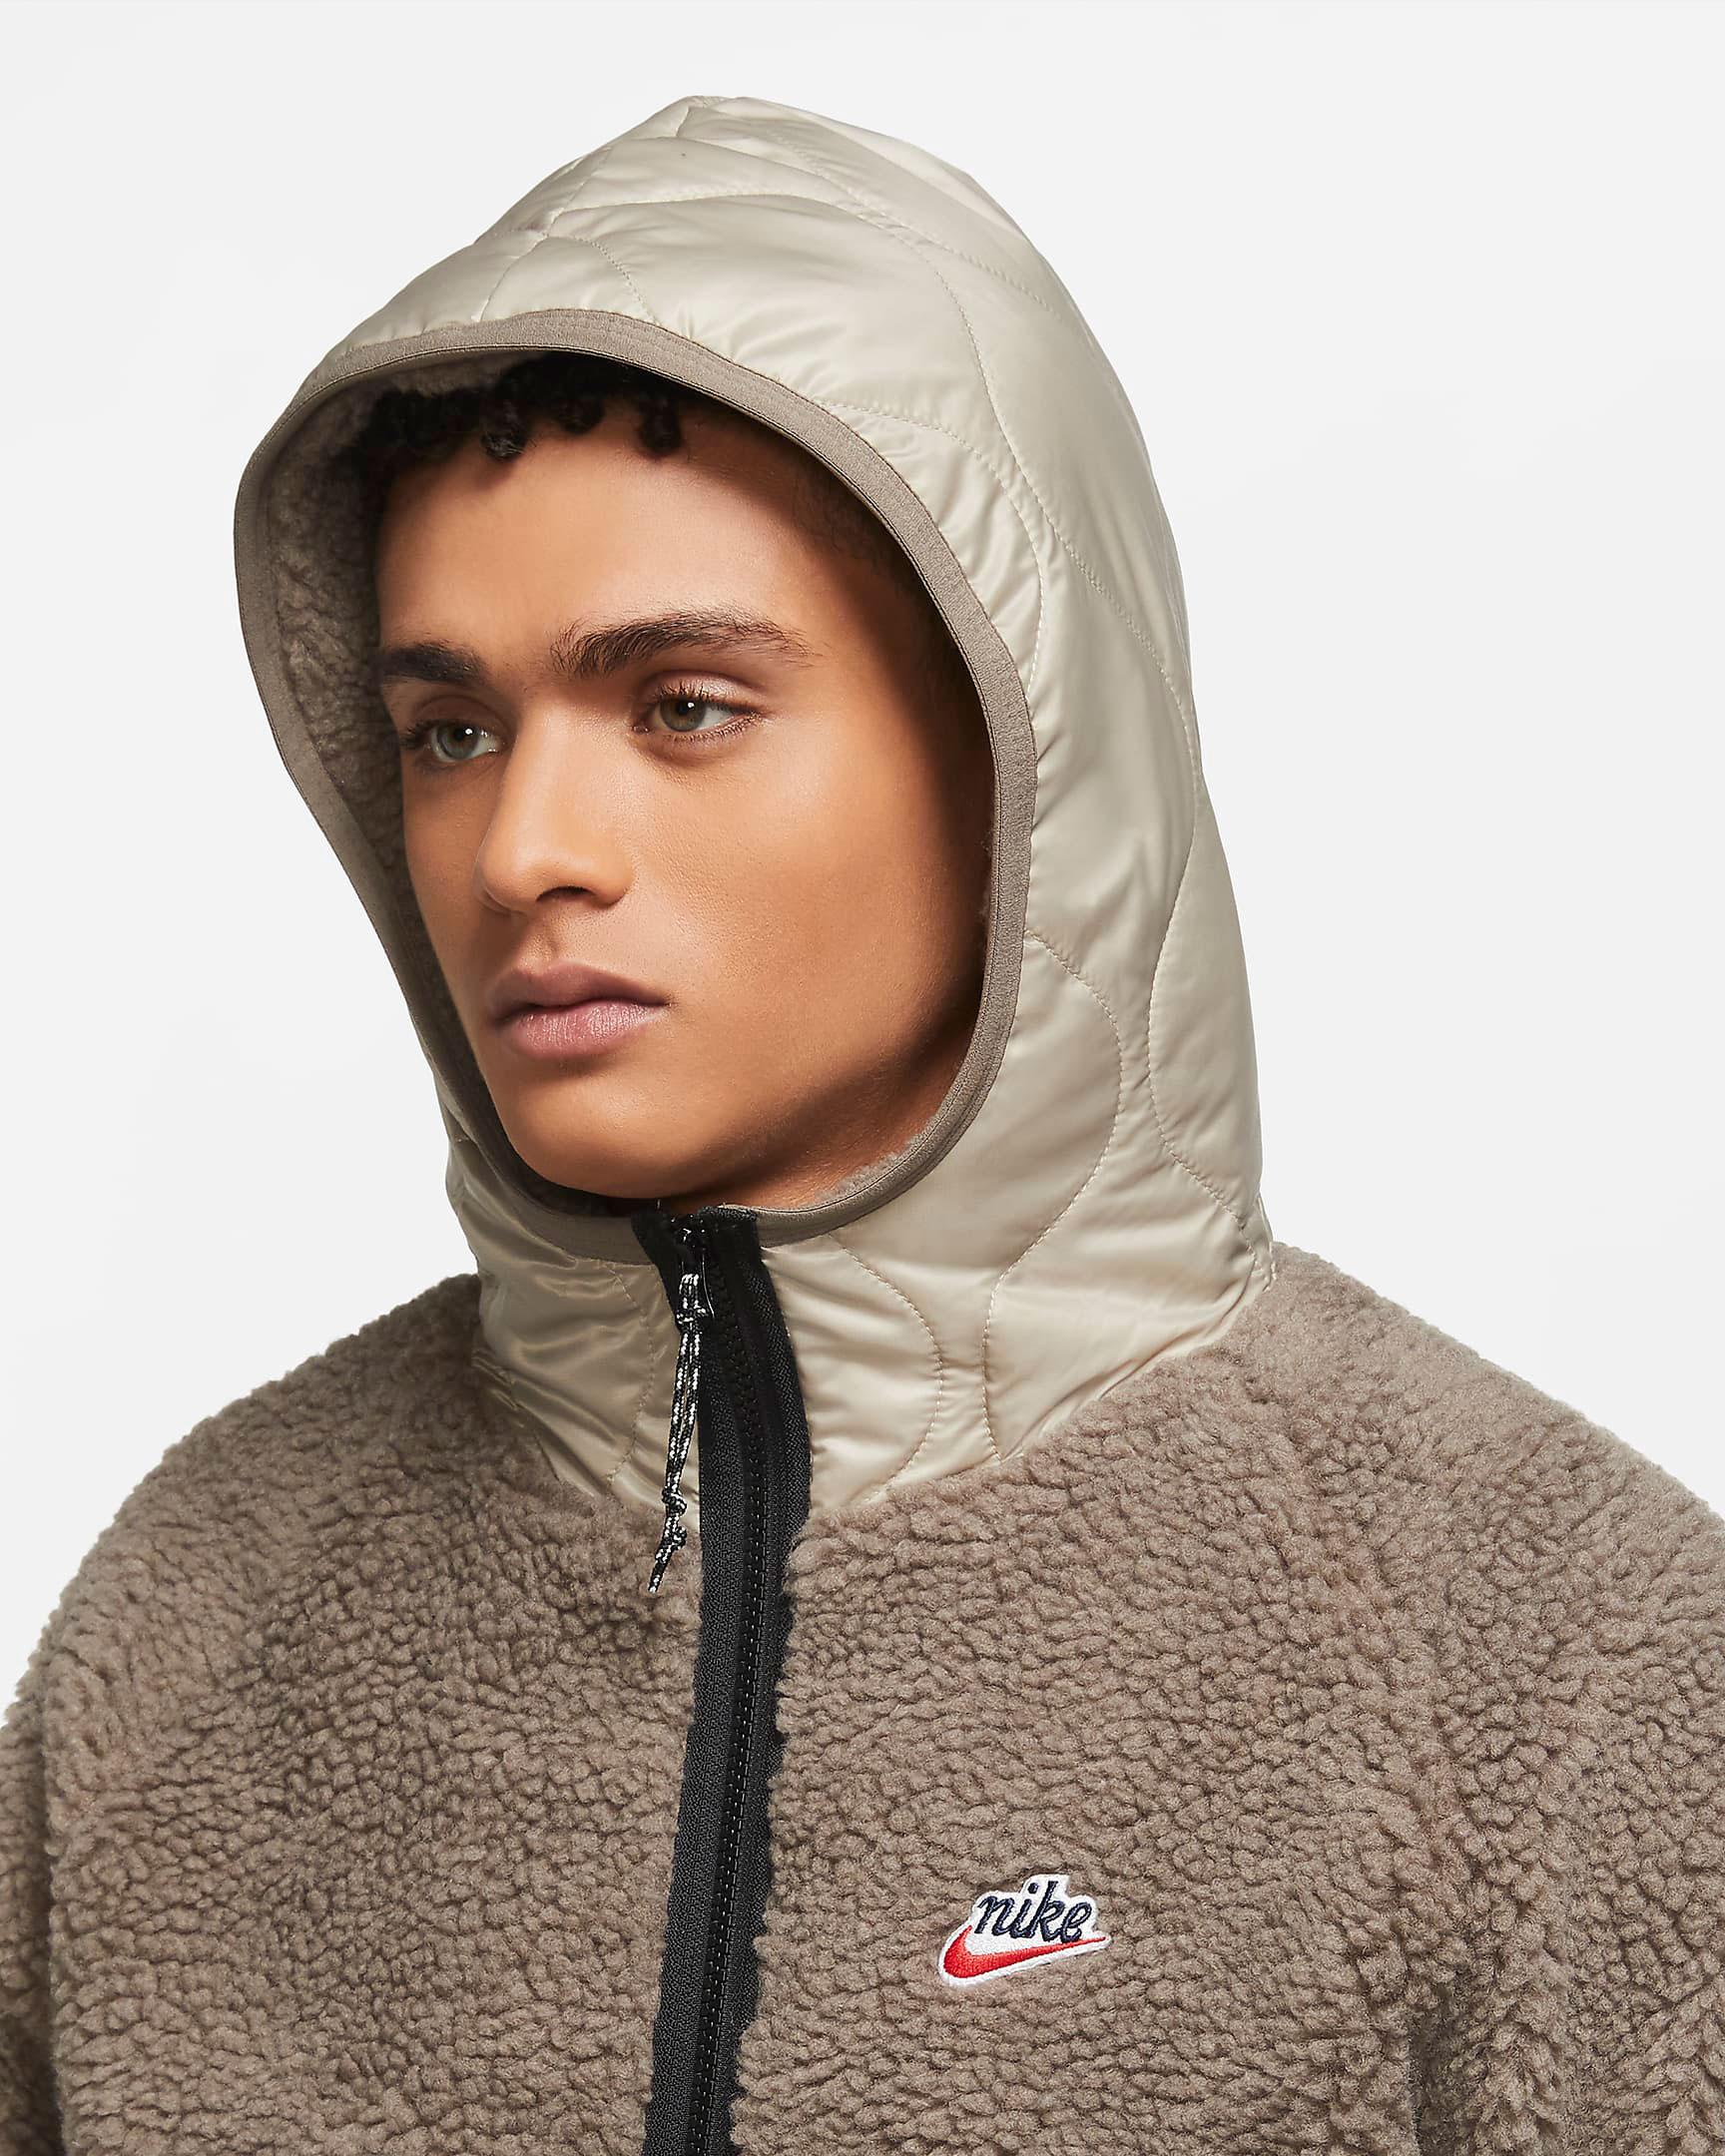 jordan-4-taupe-haze-nike-hoodie-jacket-match-3